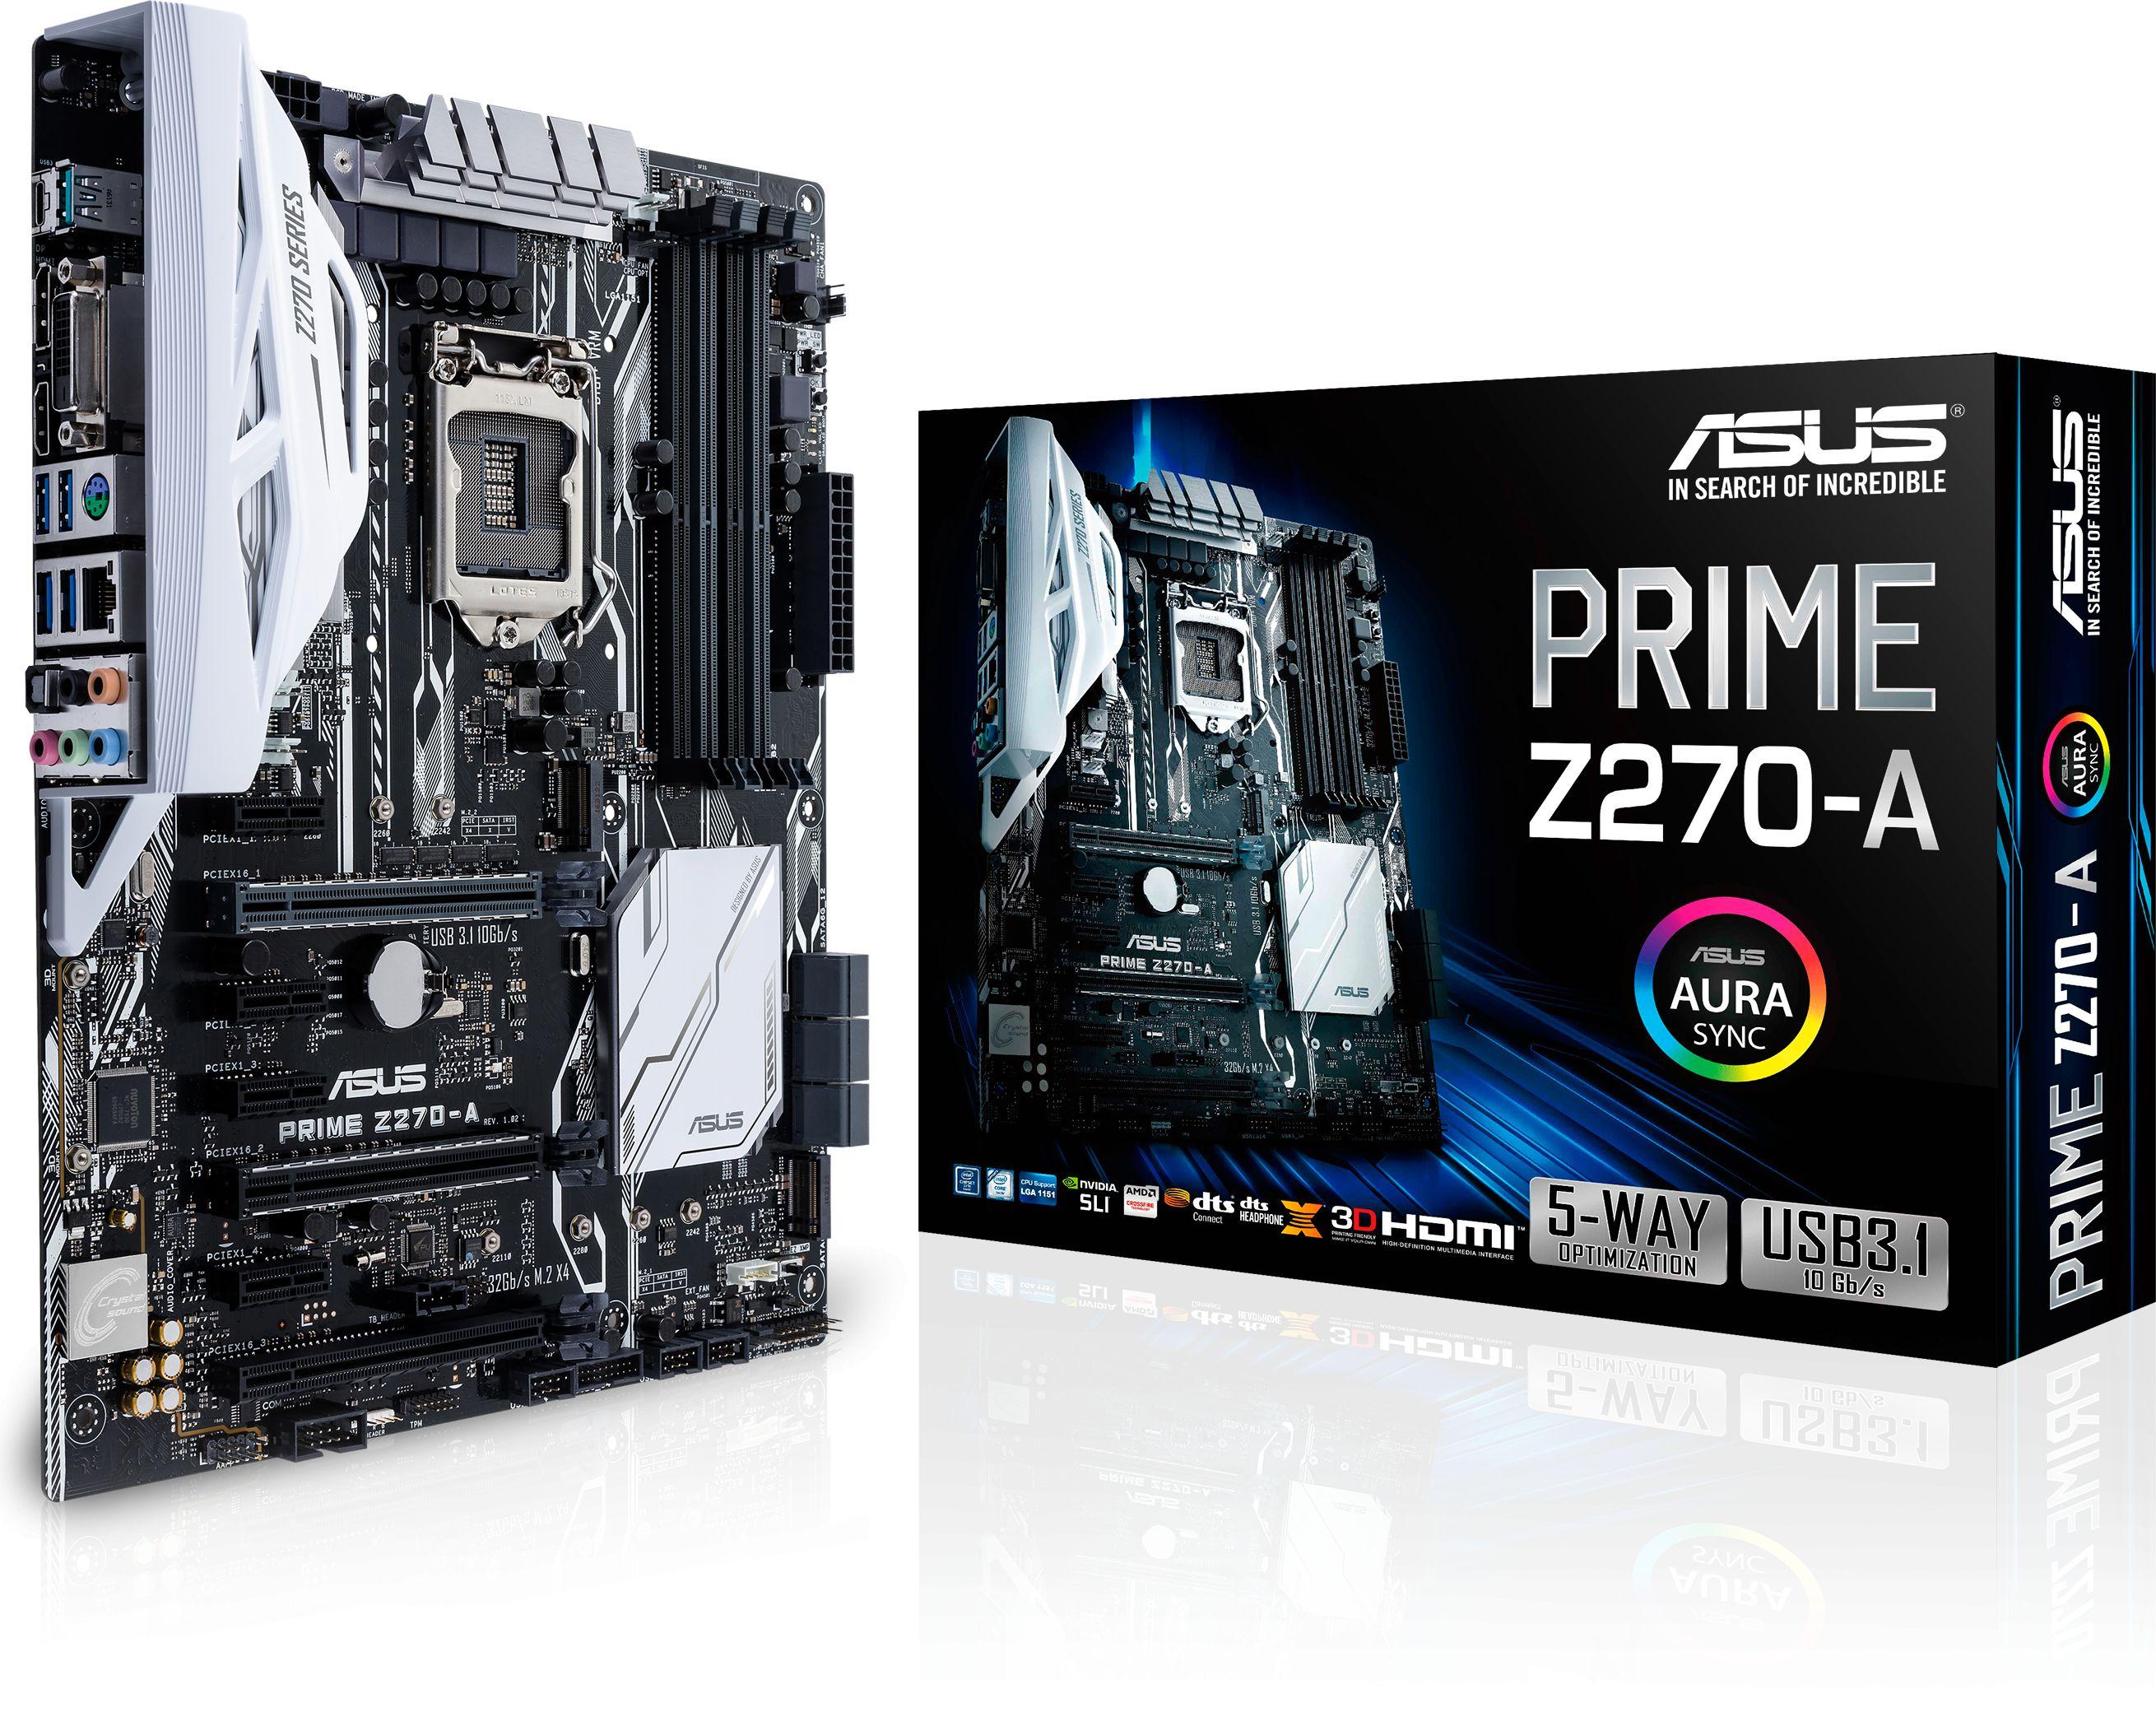 Placa de baza ASUS PRIME Z270-A, Socket 1151, ATX, 4xDDR4, HDMI, DisplayPort, DVI